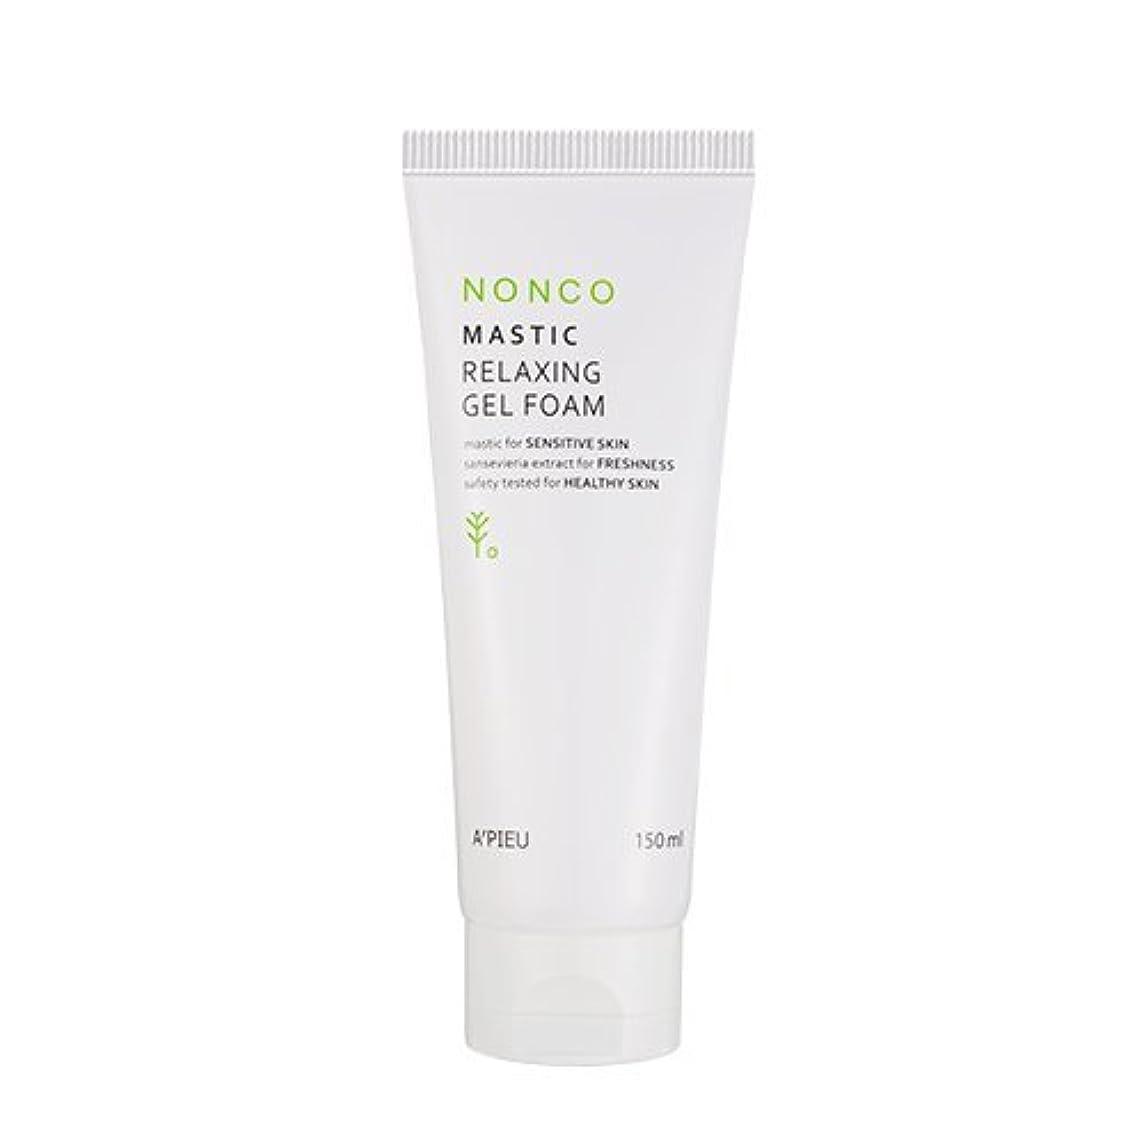 部分協会優勢Apieu NanCo Mastic Relaxing Gel Foam 150ml [アピュ/オピュ] NonCo マスチック弱酸性ゲルフォーム 150ml [並行輸入品]